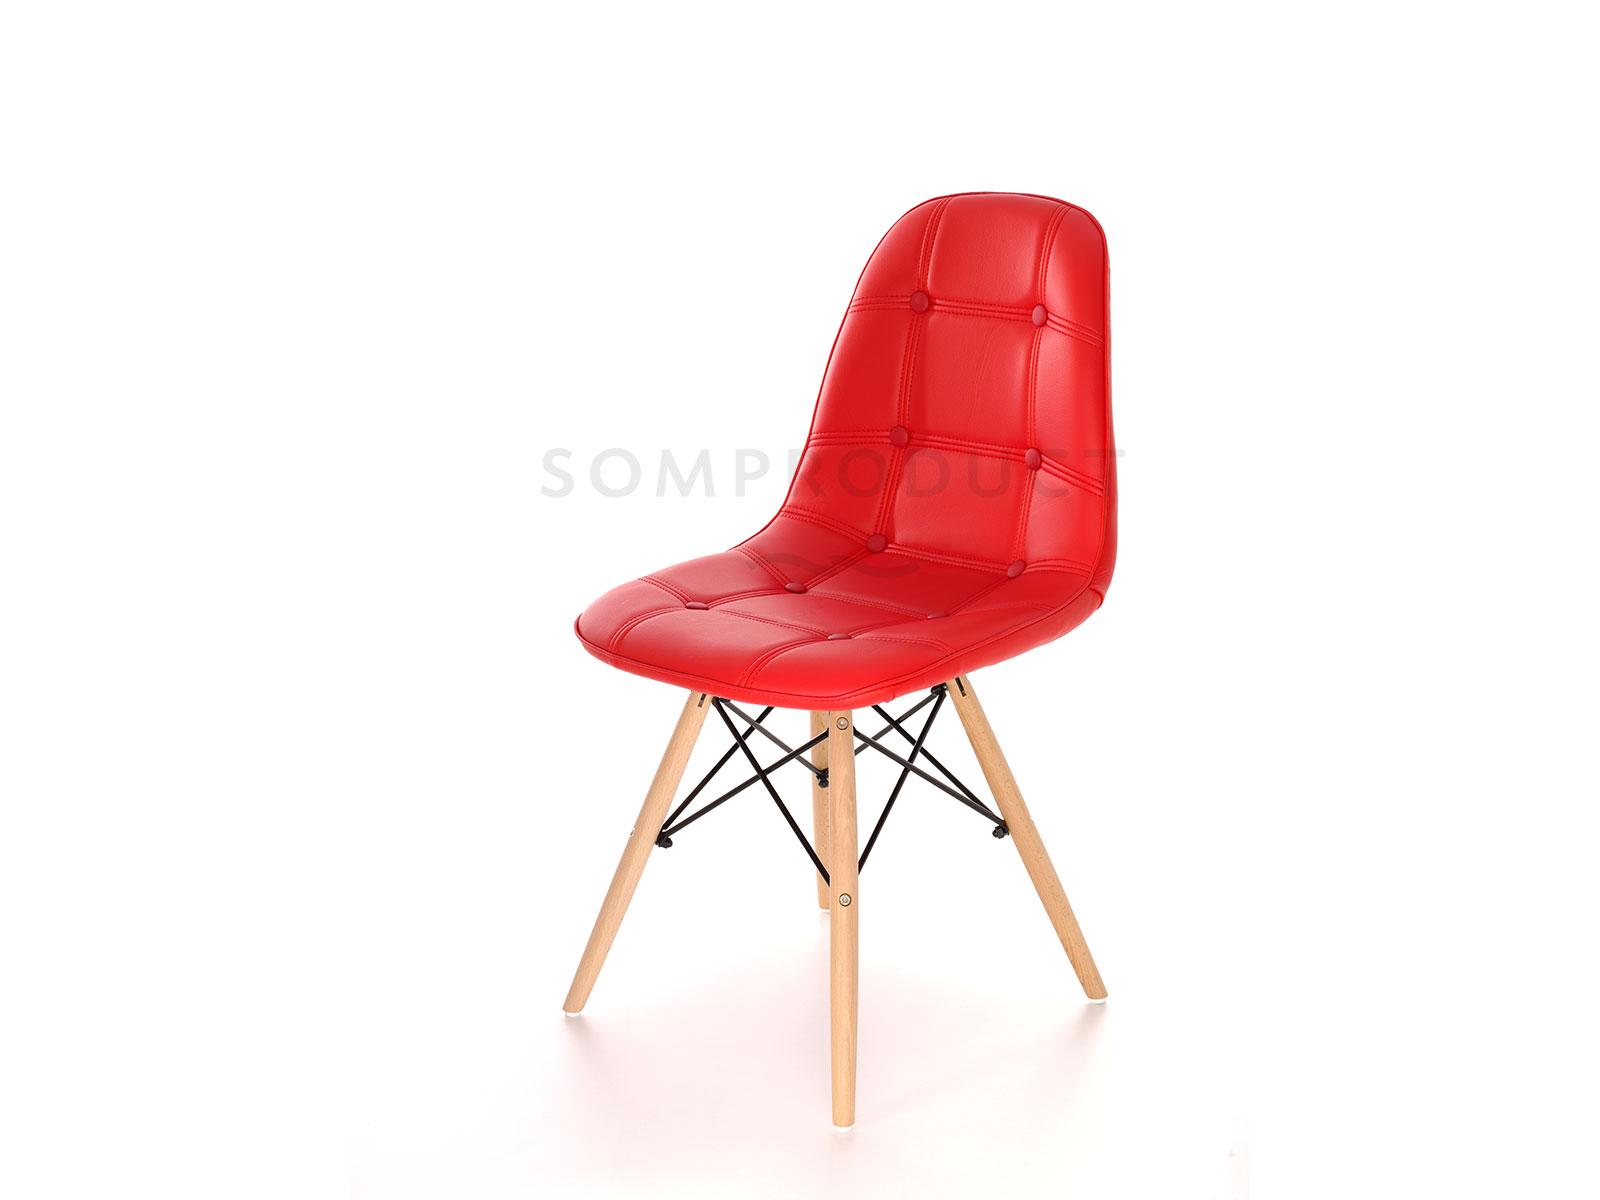 Scaun tapitat cu piele ecologica si picioare de lemn Iars Red l41xA36xH83 cm